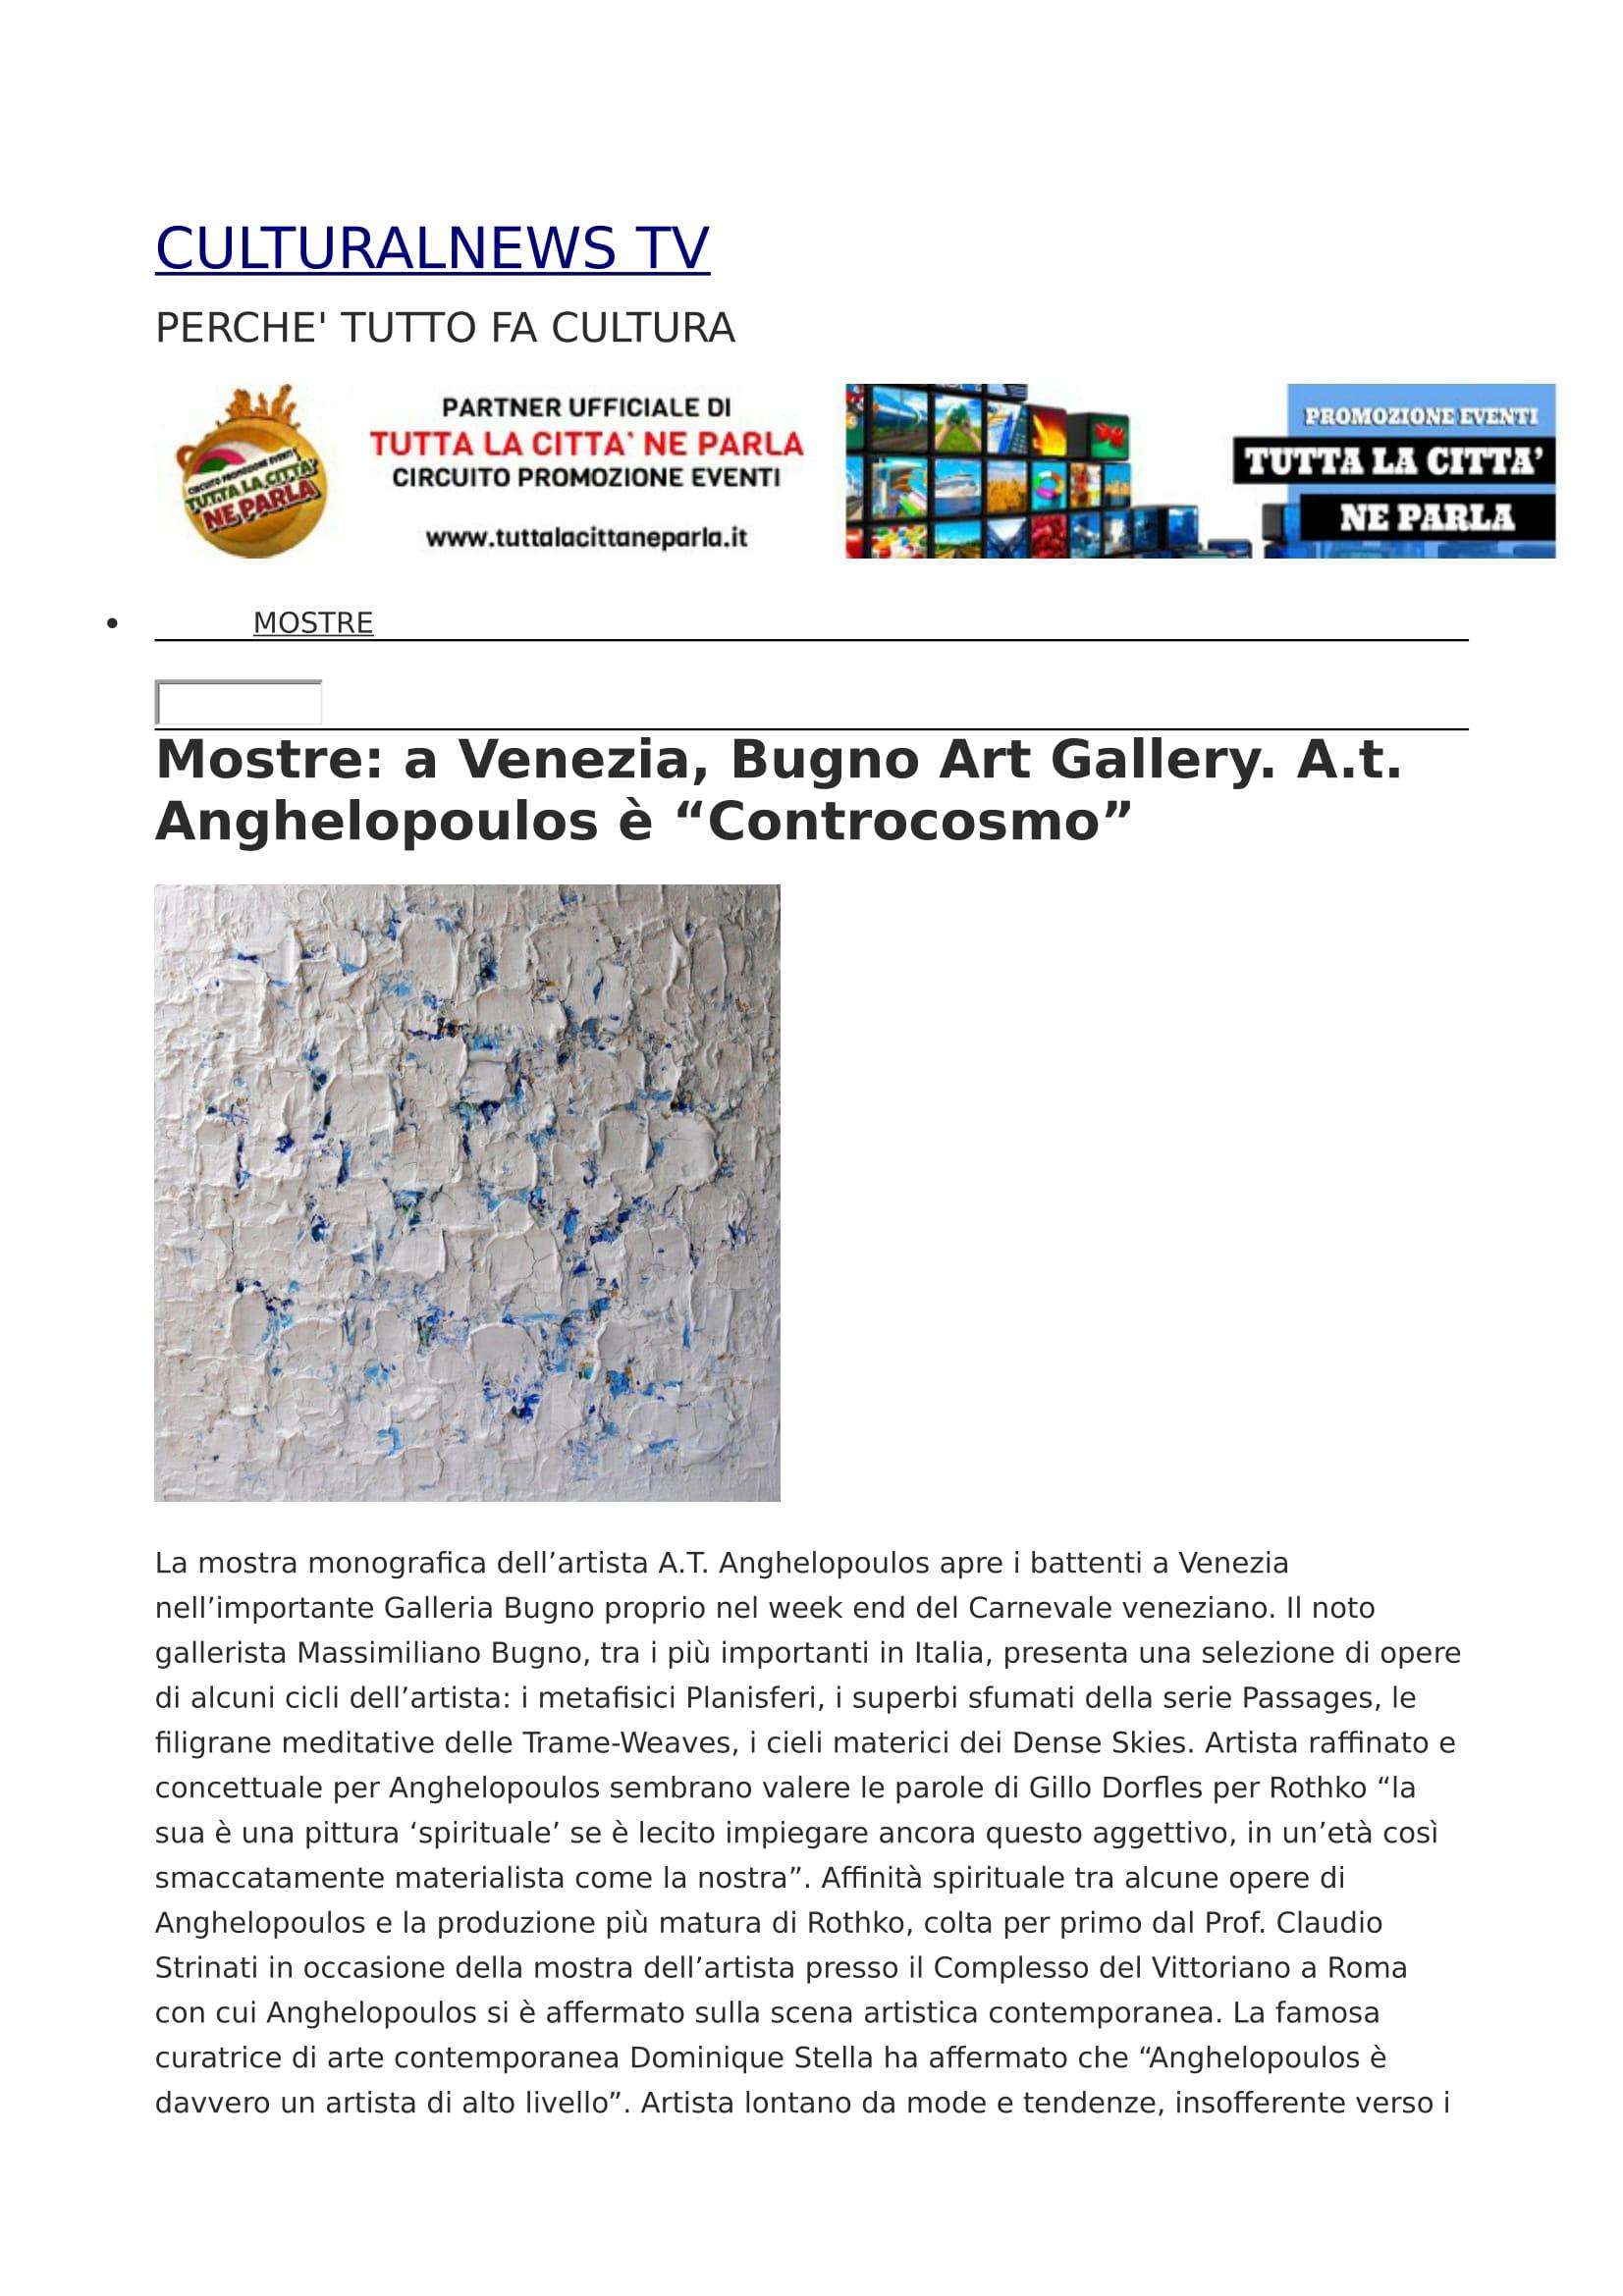 CULTURALNEWS TV_mostra Venezia-1